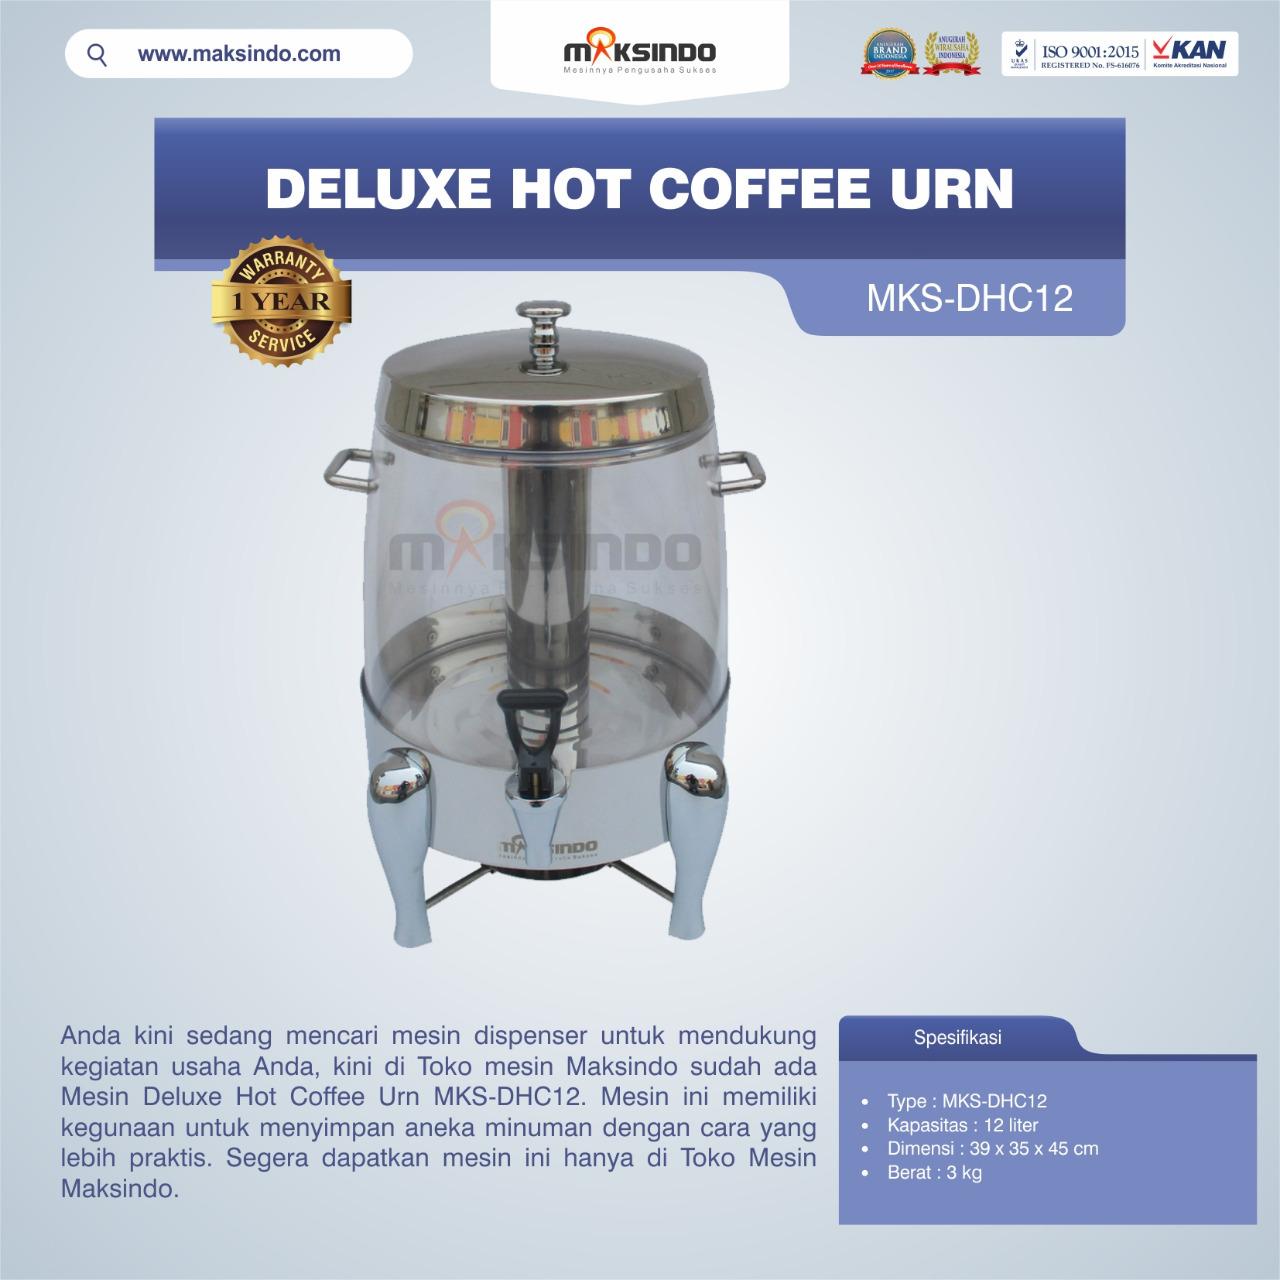 Jual Deluxe Hot Coffee Urn MKS-DHC12 di Semarang